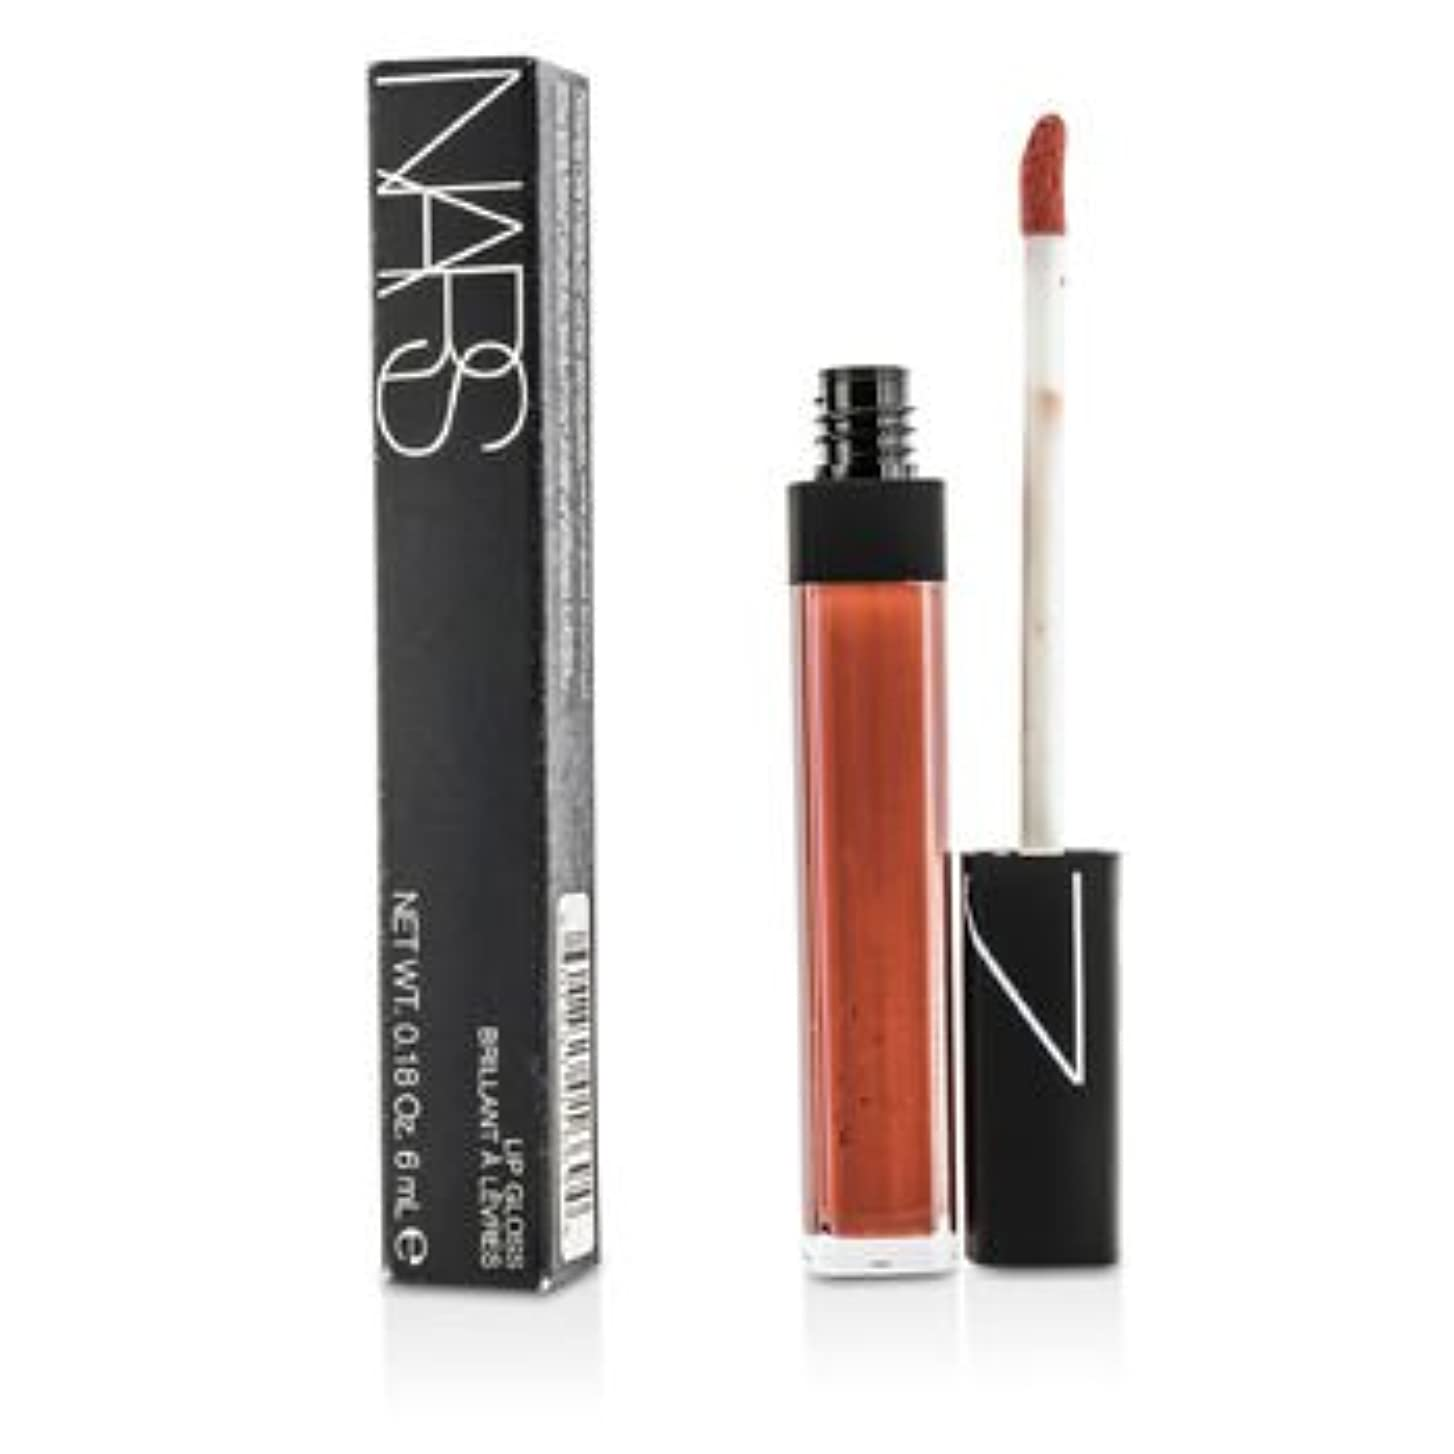 進捗より良い背骨ナーズ Lip Gloss (New Packaging) - #Stolen Kisses 6ml/0.18oz並行輸入品